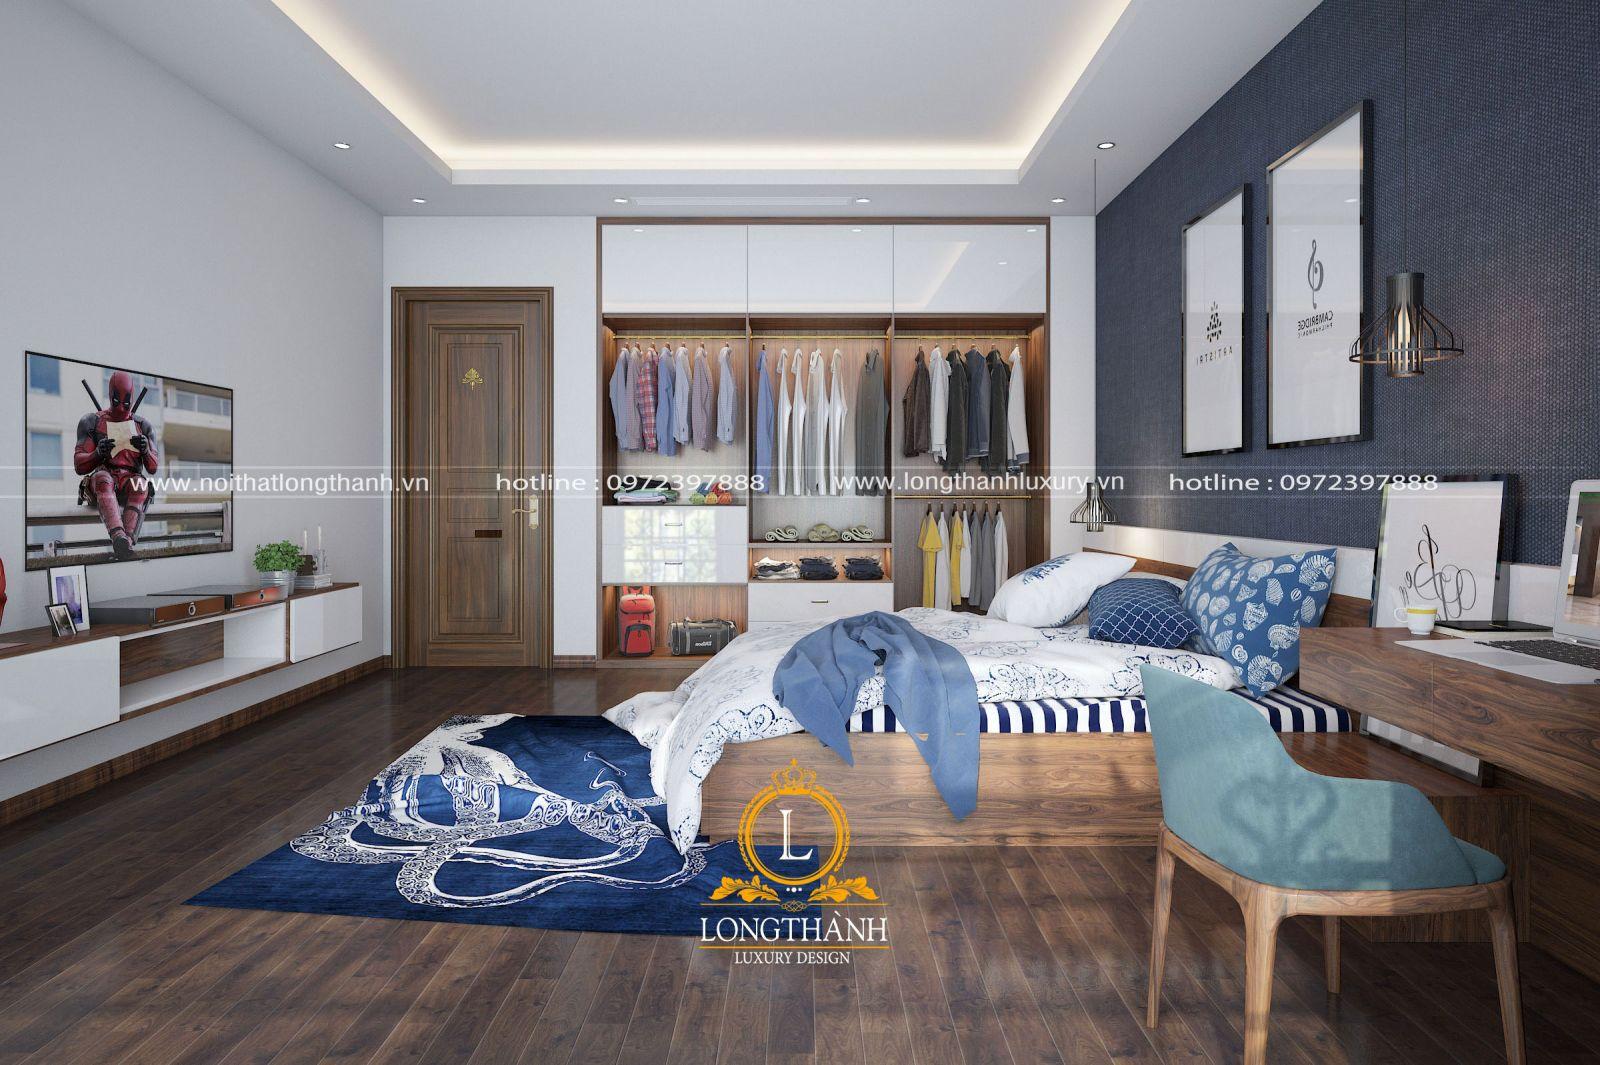 Nội thất phòng ngủ đơn giản cho bé trai